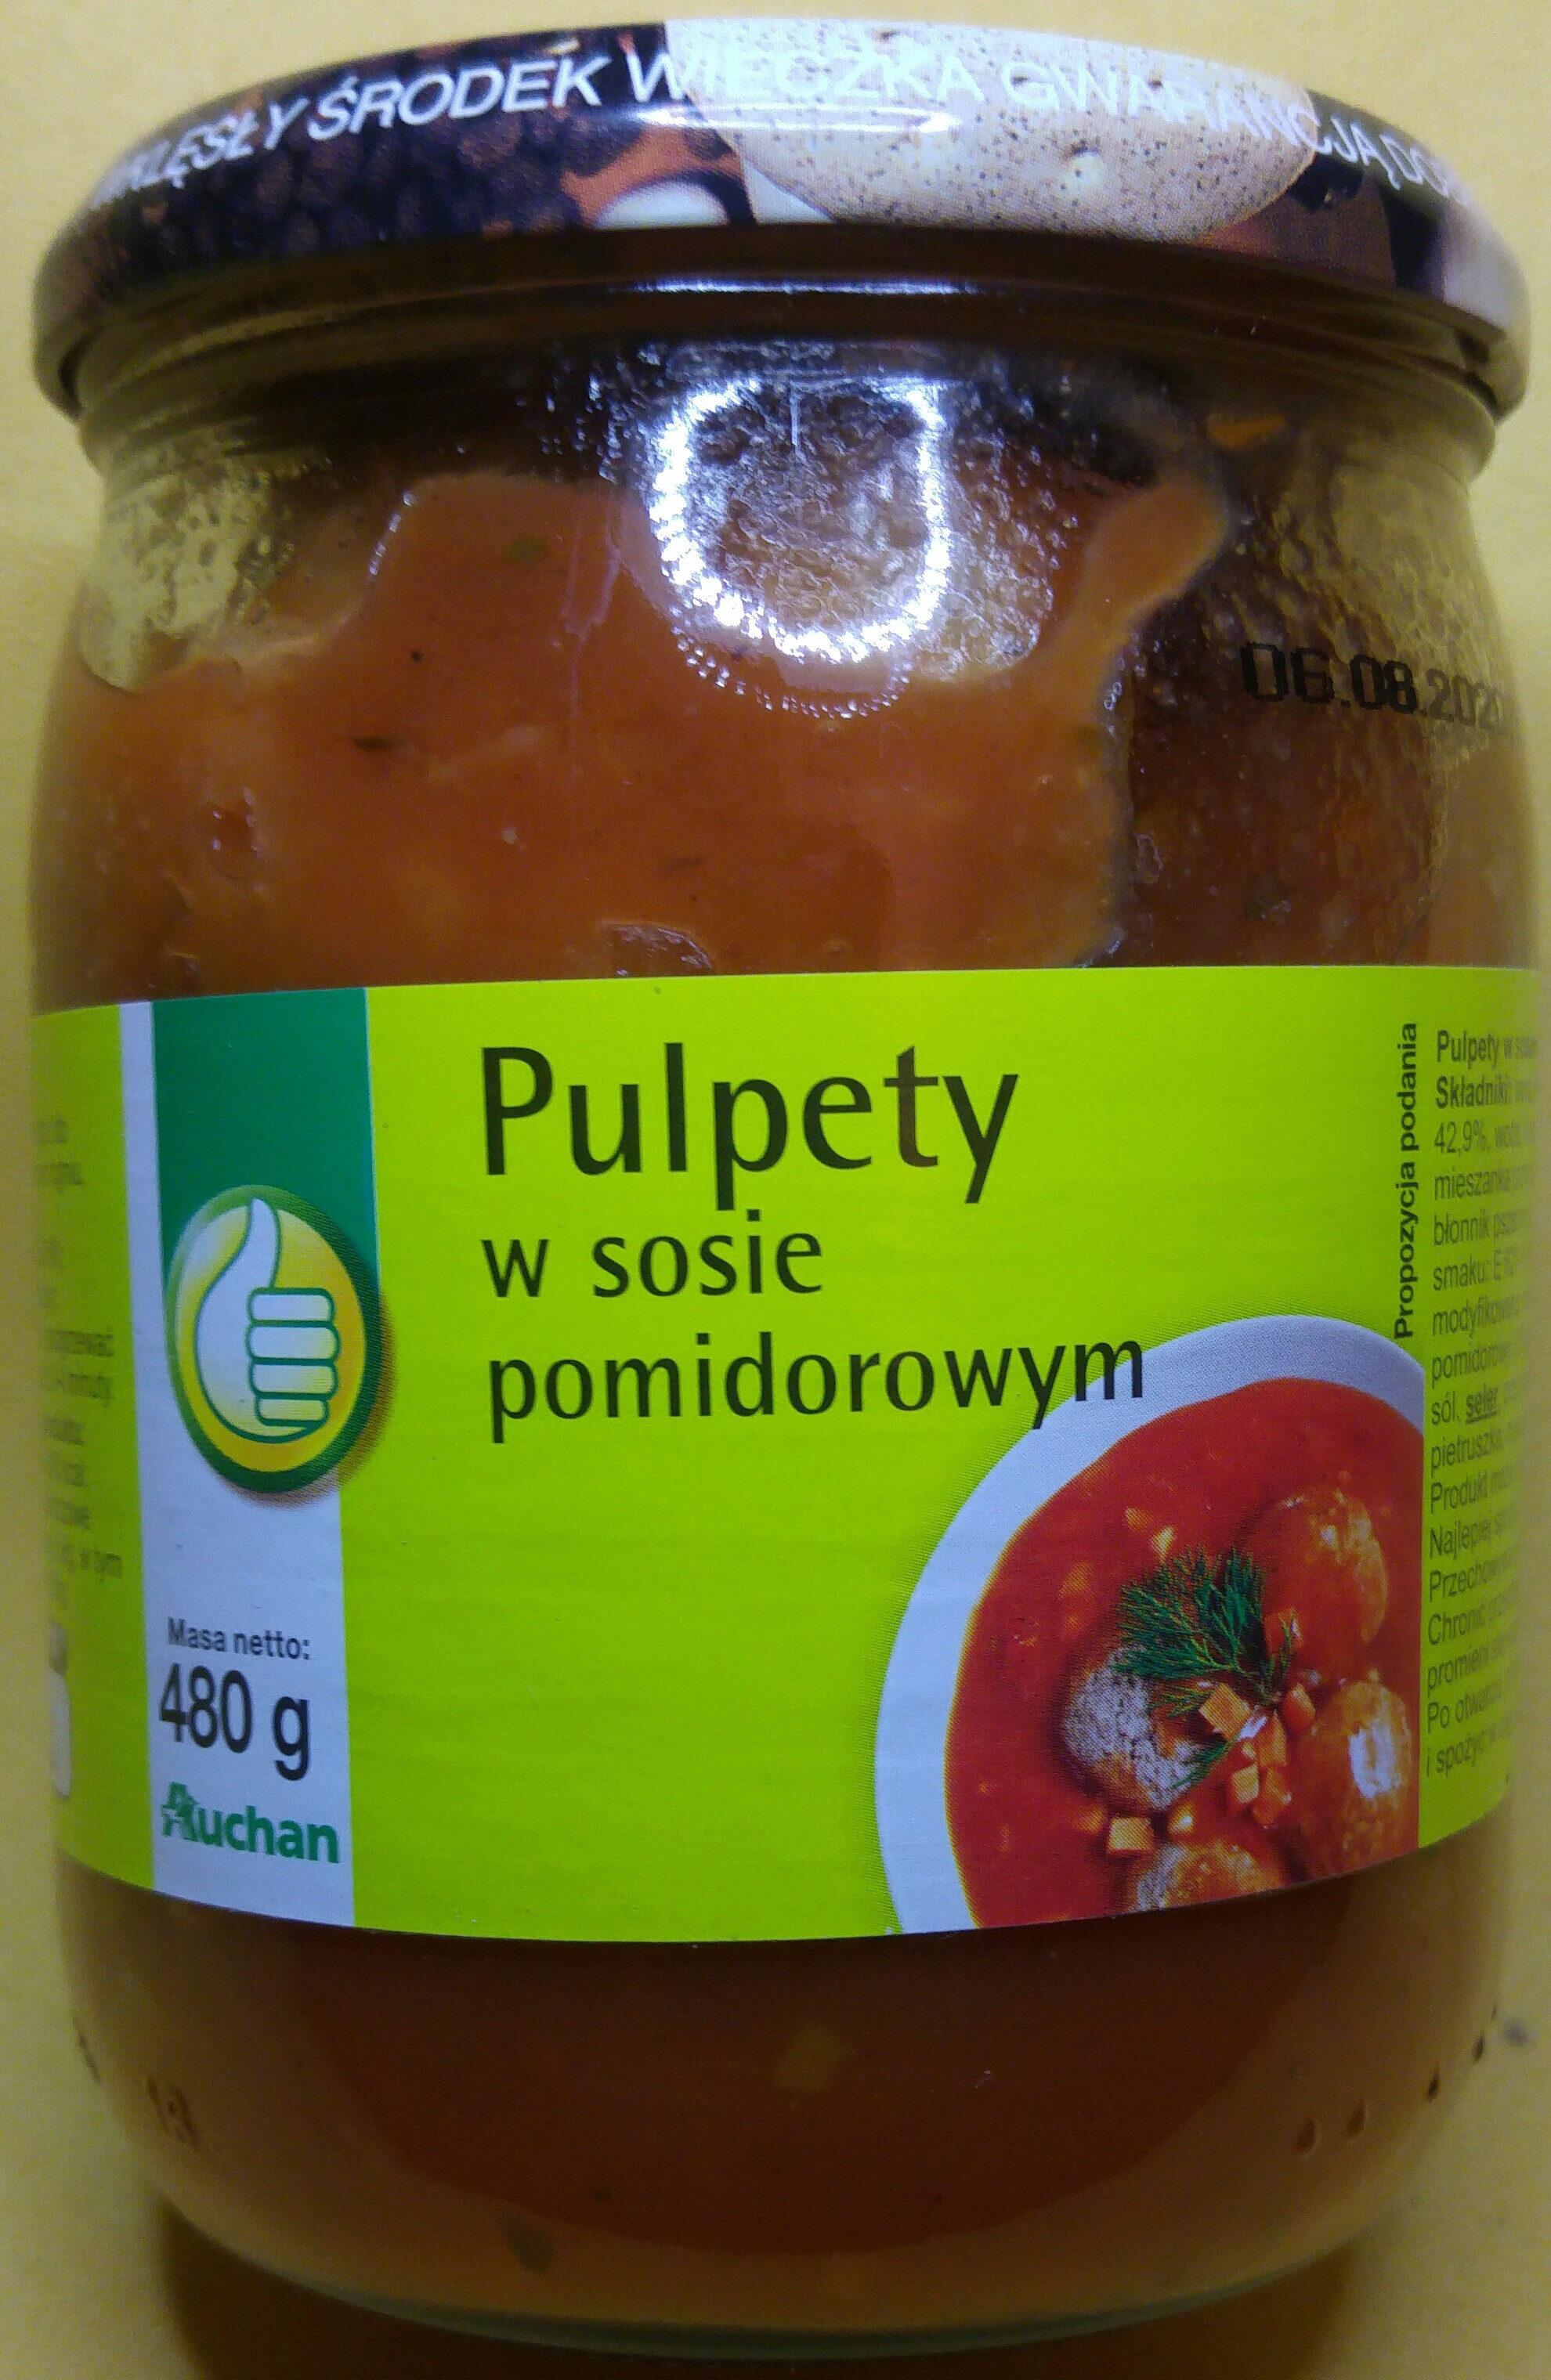 Pulpety w sosie pomidorowym. - Produkt - pl